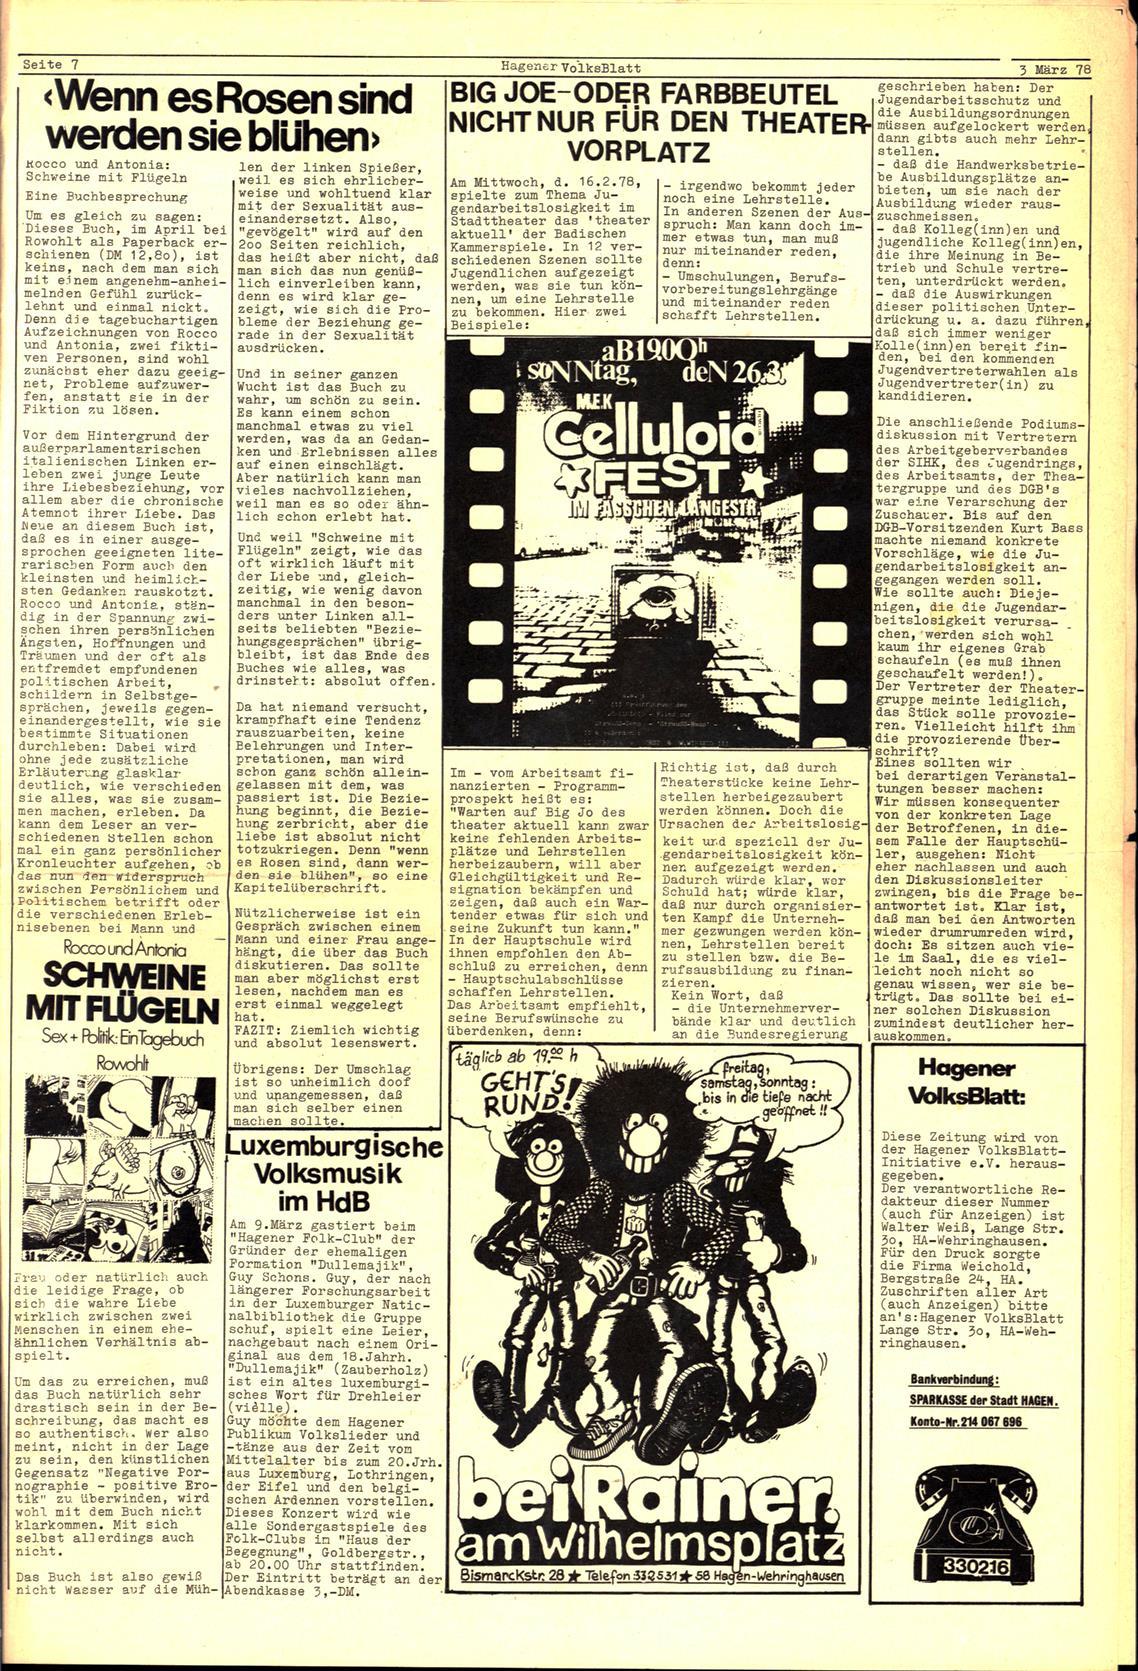 Hagen_Volksblatt_19780300_07